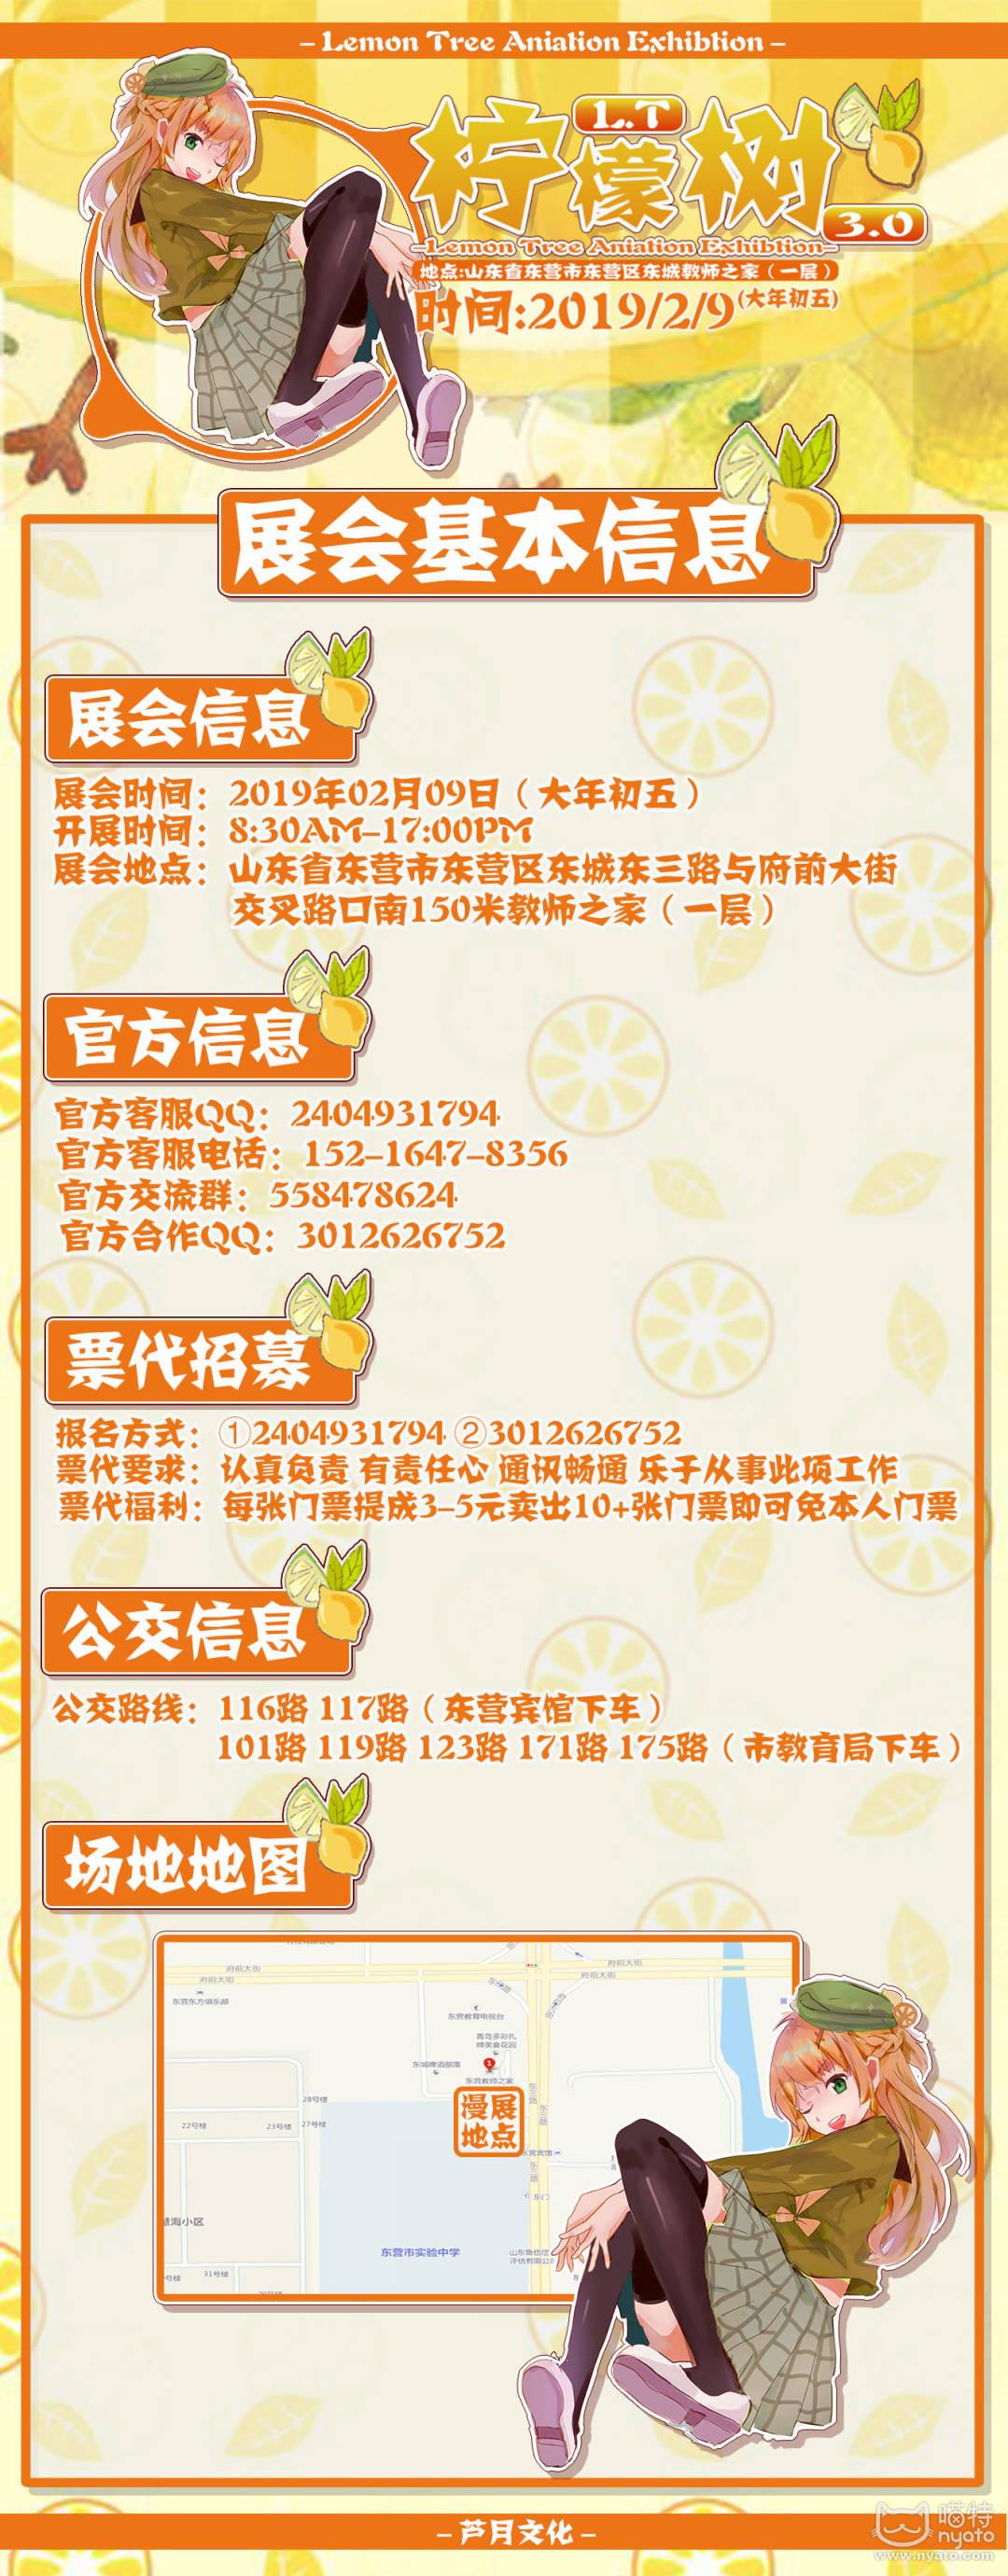 柠檬树3.0二宣(展会信息)02.jpg